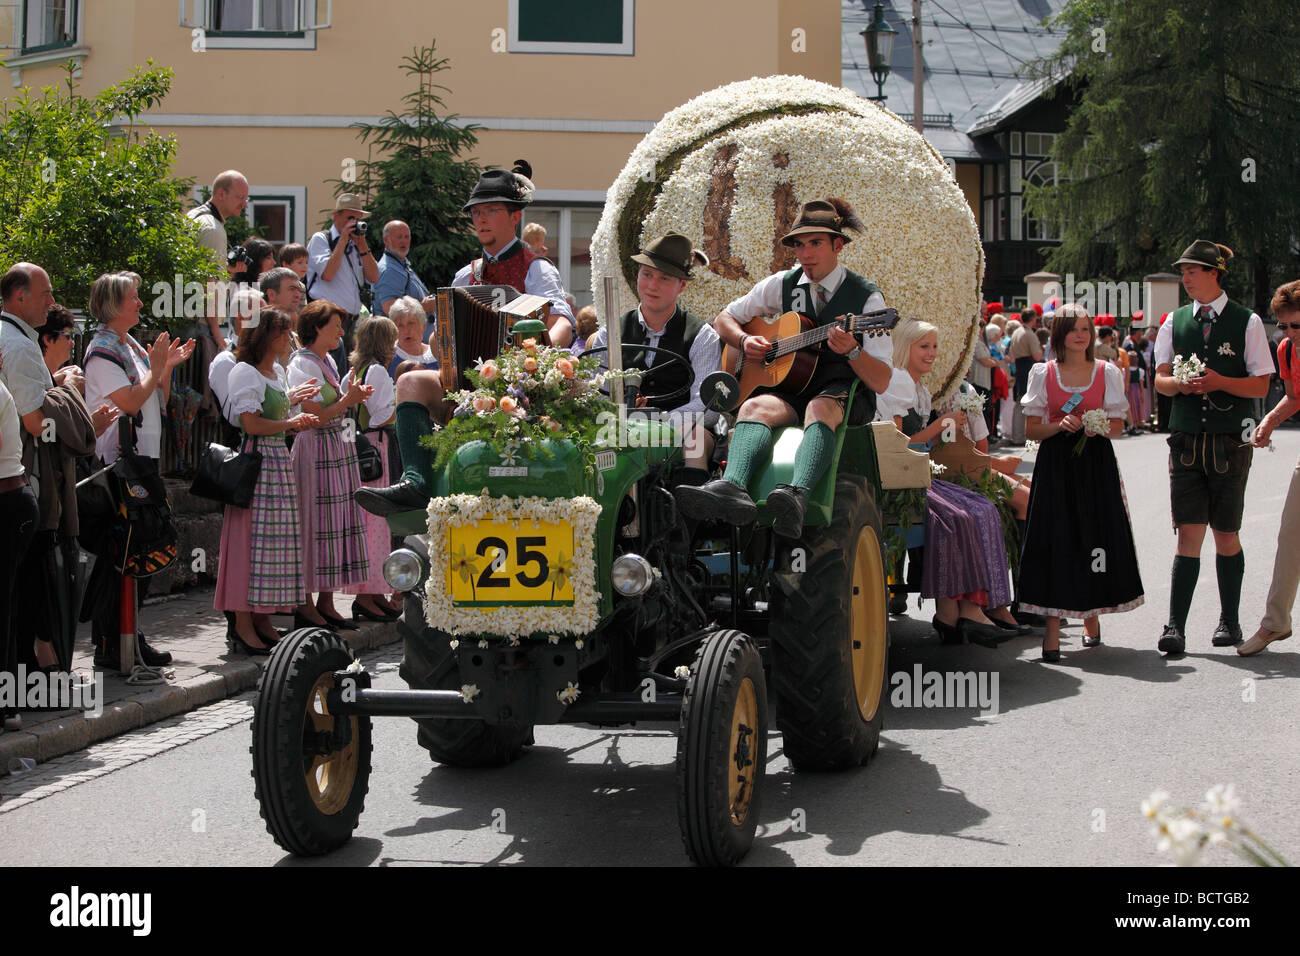 Traktor mit Tennisball aus Narzissen, Narzissenfest Narcissus-Festival in Bad Aussee, Ausseer Land, Salzkammergut Stockbild